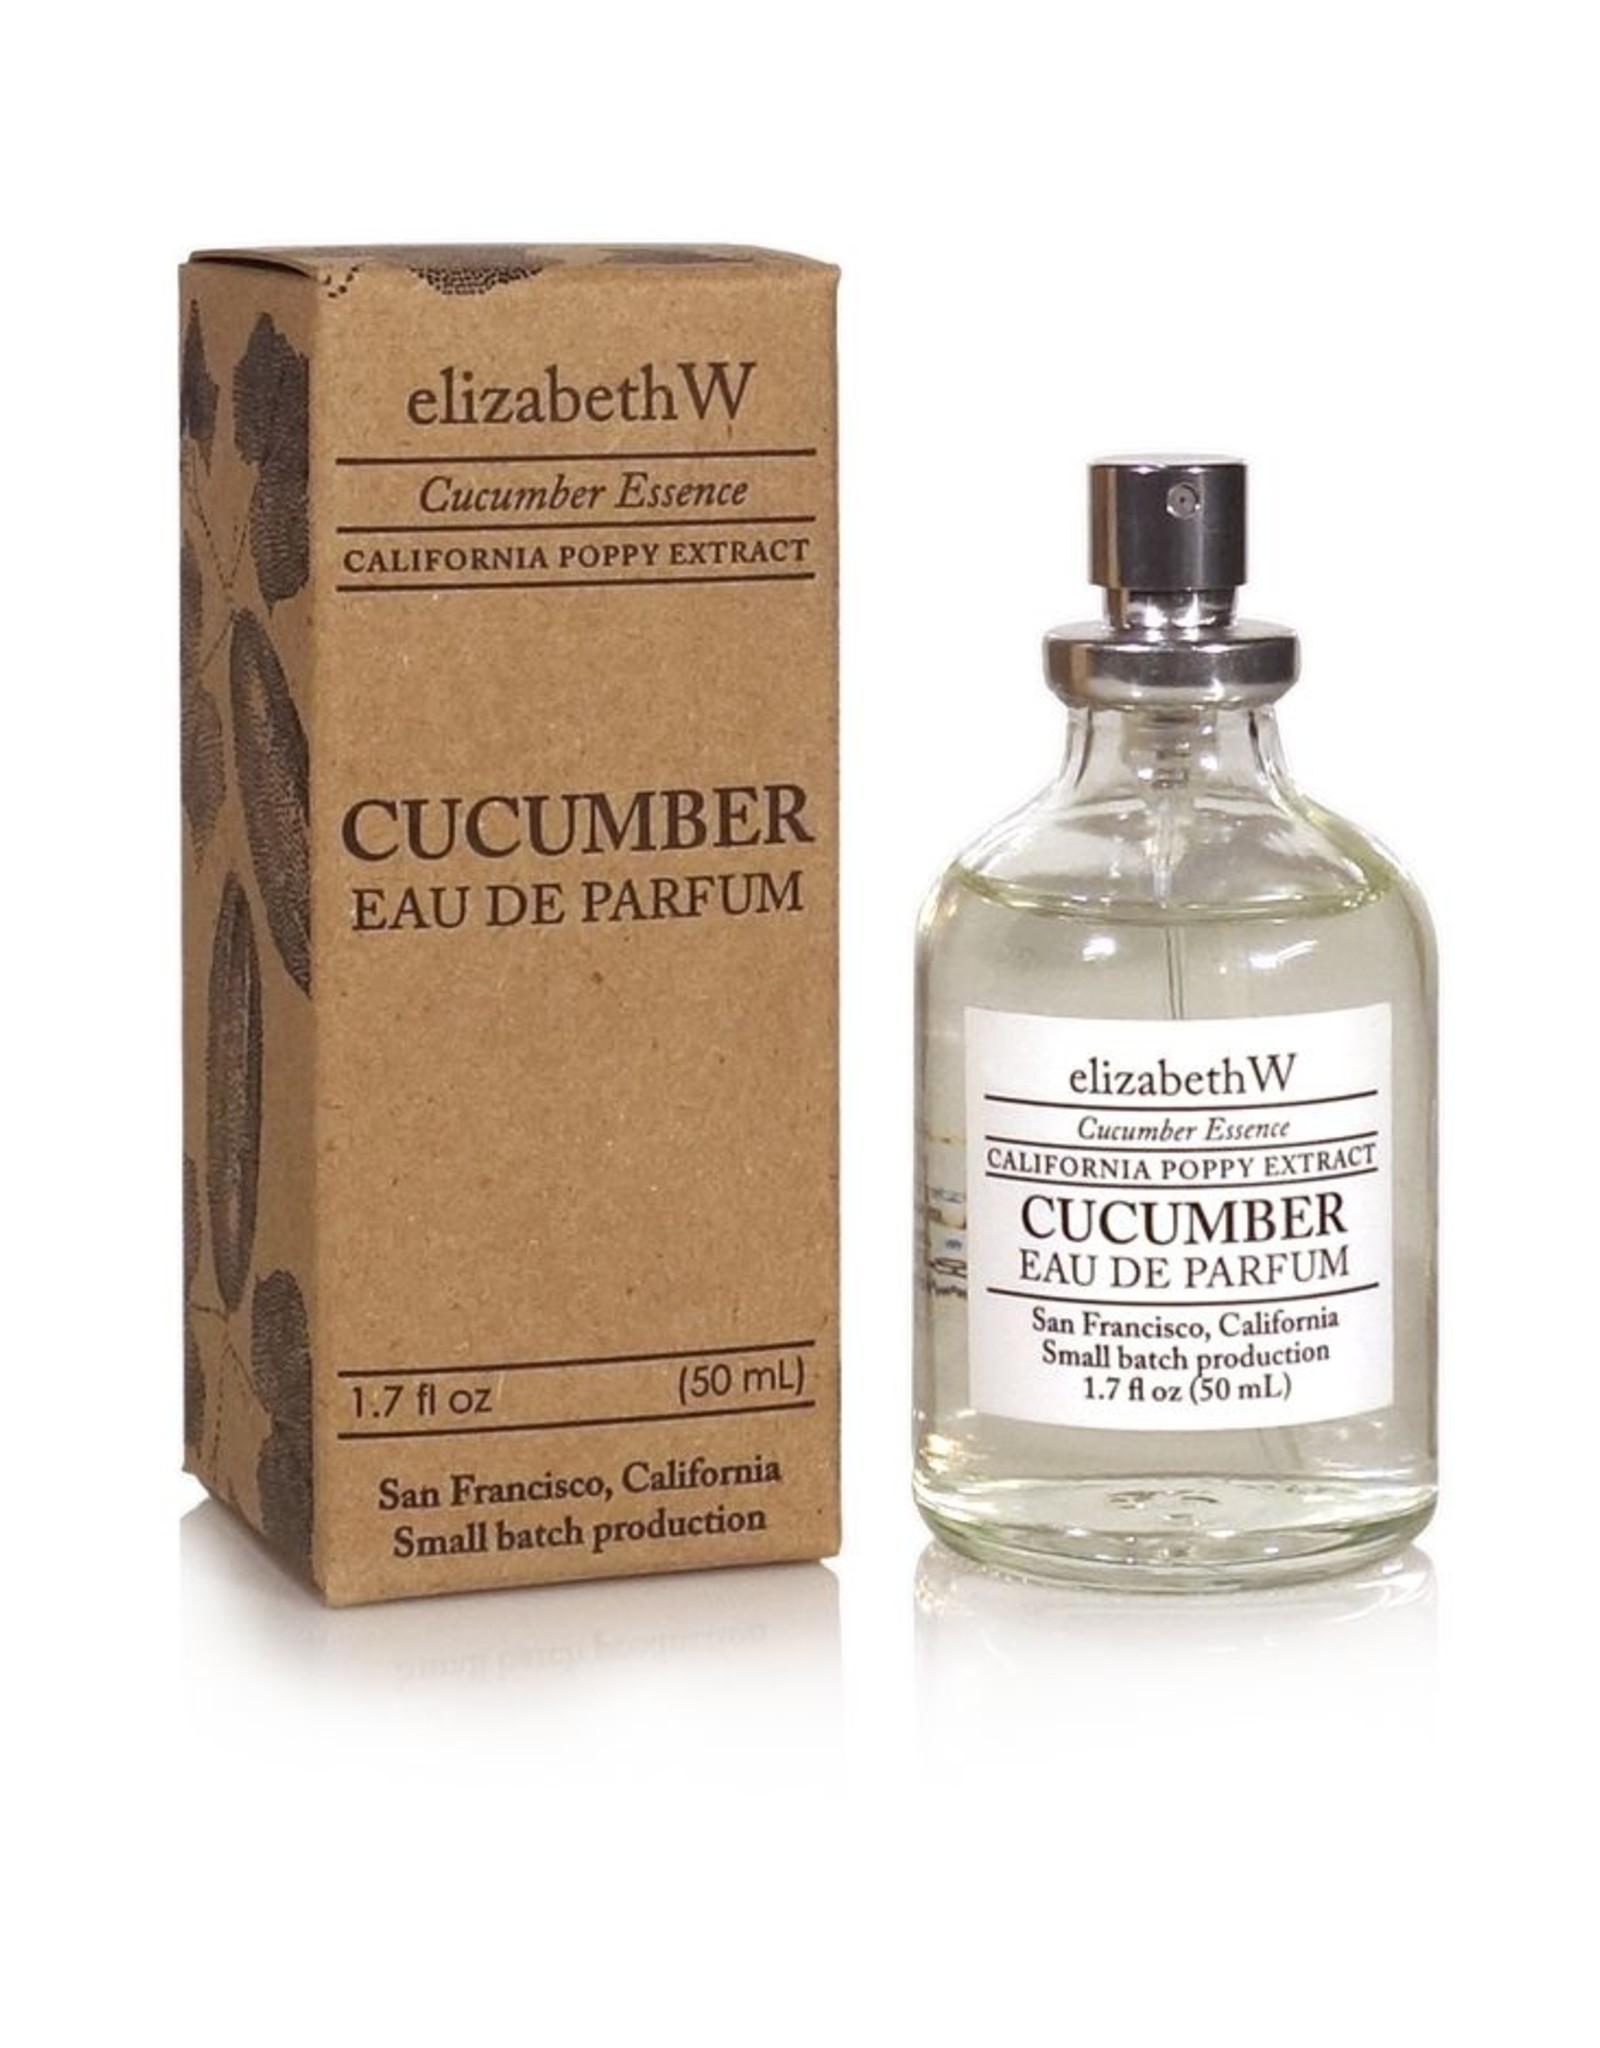 Elizabeth W Cucumber Eau de Parfum